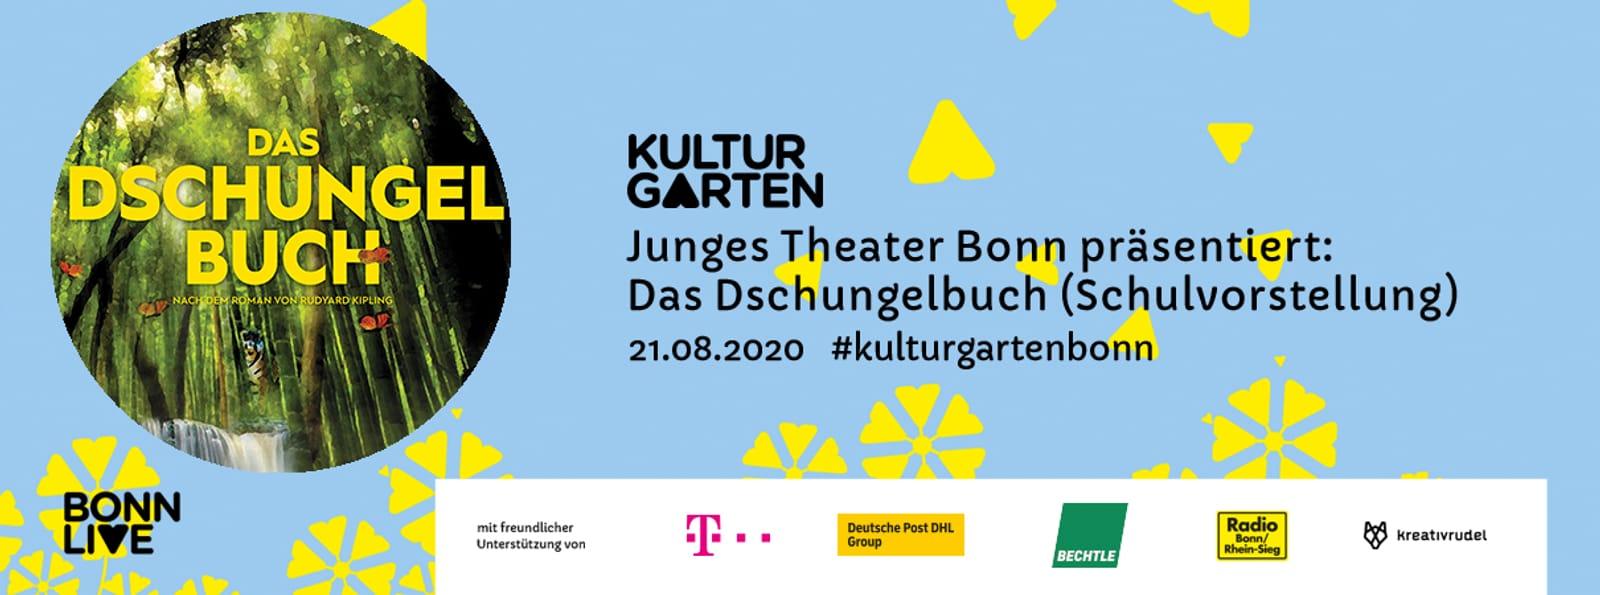 JTB: Das Dschungelbuch (Schulvorstellung) | BonnLive Kulturgarten